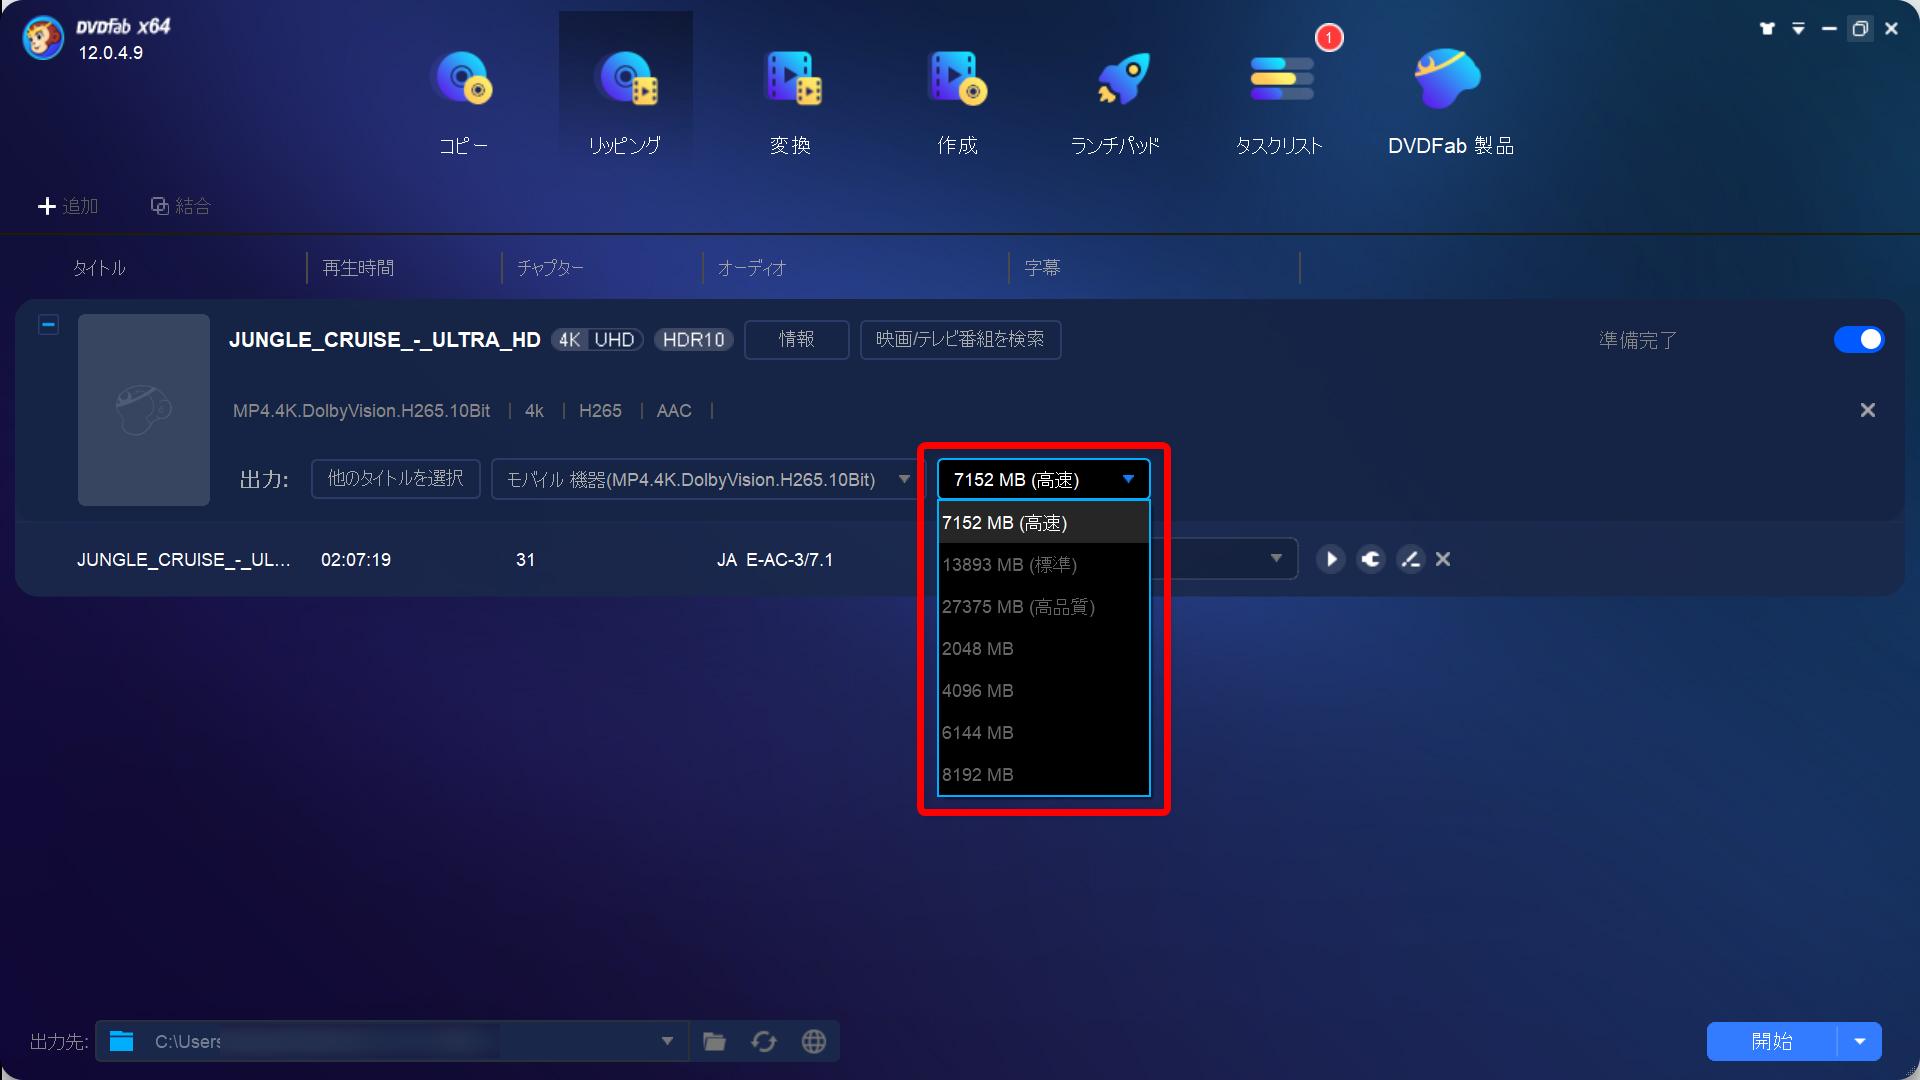 DVDFab12 4K UHDブルーレイのコピー方法|無料でコピーガード解除して4K UHDブルーレイをパソコンに永久保存する方法|ISOファイルをiPhoneに適した形式に変換する:続いて隣のプルダウンメニューをクリックして、動画ファイルの画質を指定しましょう。